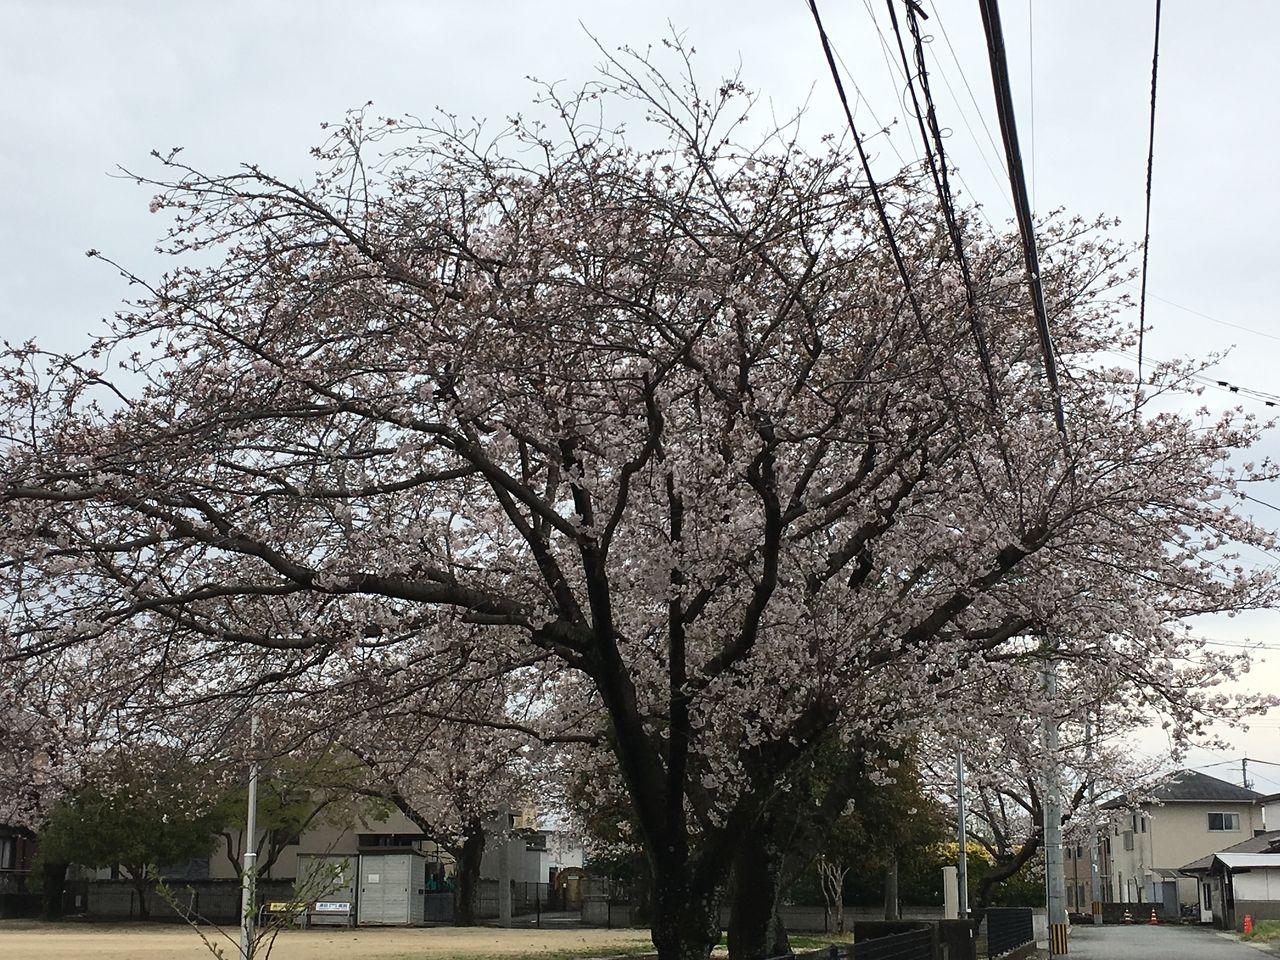 熊本市東区の沼山津公園の桜・ほぼ満開に近くなりました。